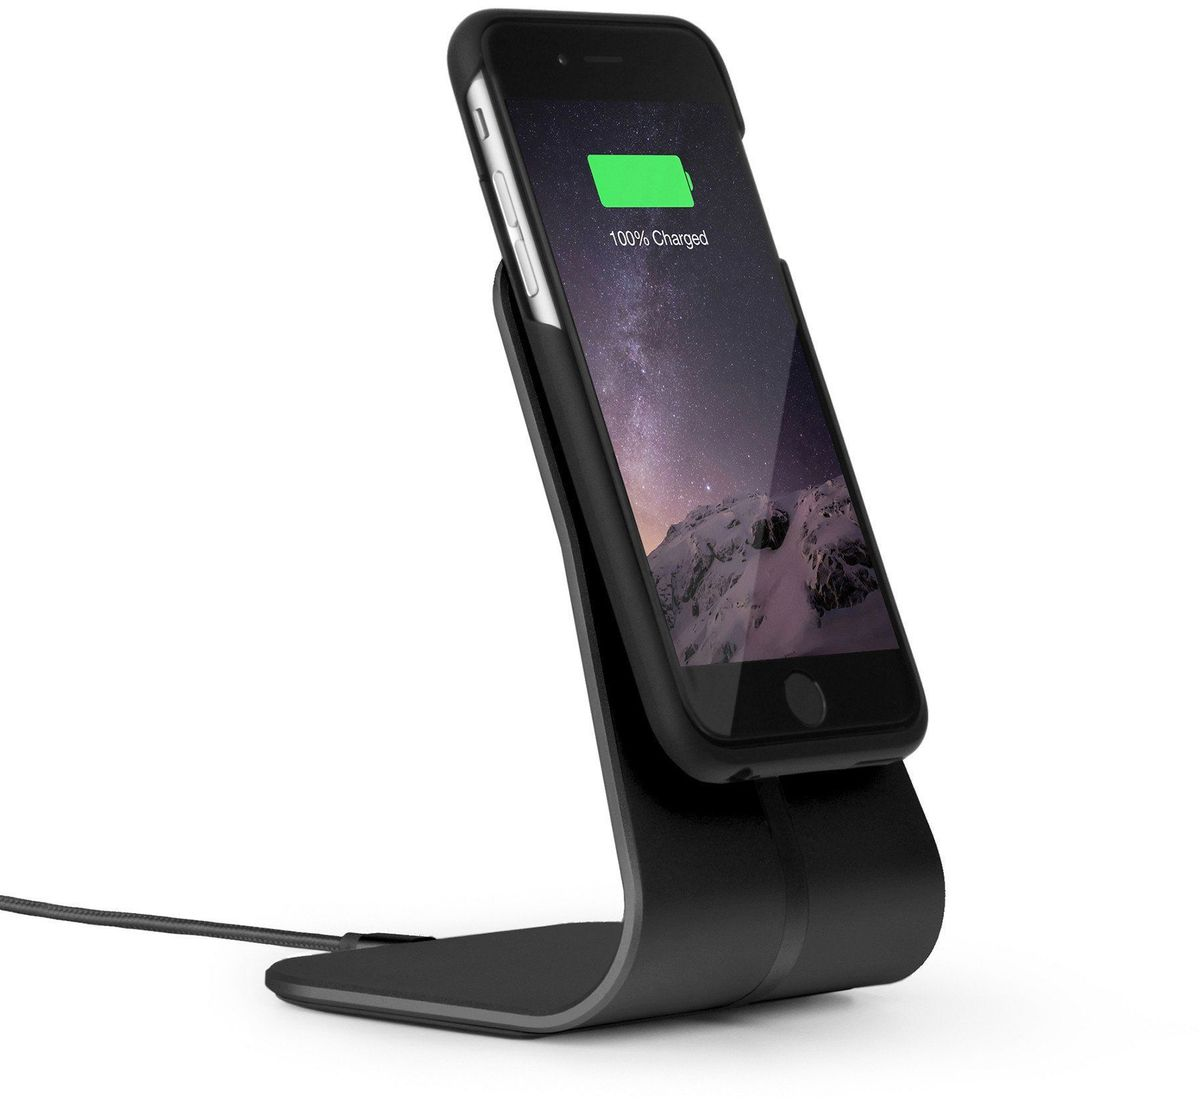 Xvida Charging Office Kit, Black беспроводное зарядное устройство для iPhone 7 (WOKAS-01B-EU)WOKAS-01B-EUКомплект из магнитной док-станции на подставке и чехла для IPhone 7, 6s, 6 с приемником для беспроводной зарядки. Алюминиевая док-станция снабжена многоразовыми липучими ножками в основании, что обеспечит надежную фиксацию на рабочей поверхности. Ультратонкий и легкий кейс выполнен из качественного софт-тач пластика с мягким покрытием внутри. Зарядка происходит в соответствии со стандартом Qi, по принципу индукционной передачи энергии. Магнитное крепление чехла совместимо со всеми зарядными устройствами и креплениями XVIDA. Зарядка при этом возможна от любого устройства с технологией Qi.• Скорость зарядки на 50% быстрее.• Доступ ко всем разъемам и кнопкам смартфона. • Магнитное крепление смартфона.• Сквозной разъем Lightning на чехле.• Стандарт питания Qi.• Размер док-станции: 230 х 260 х 160 мм.• Длина кабеля: 1 м.• USB адаптер для евро-розетки 220В в комплекте.